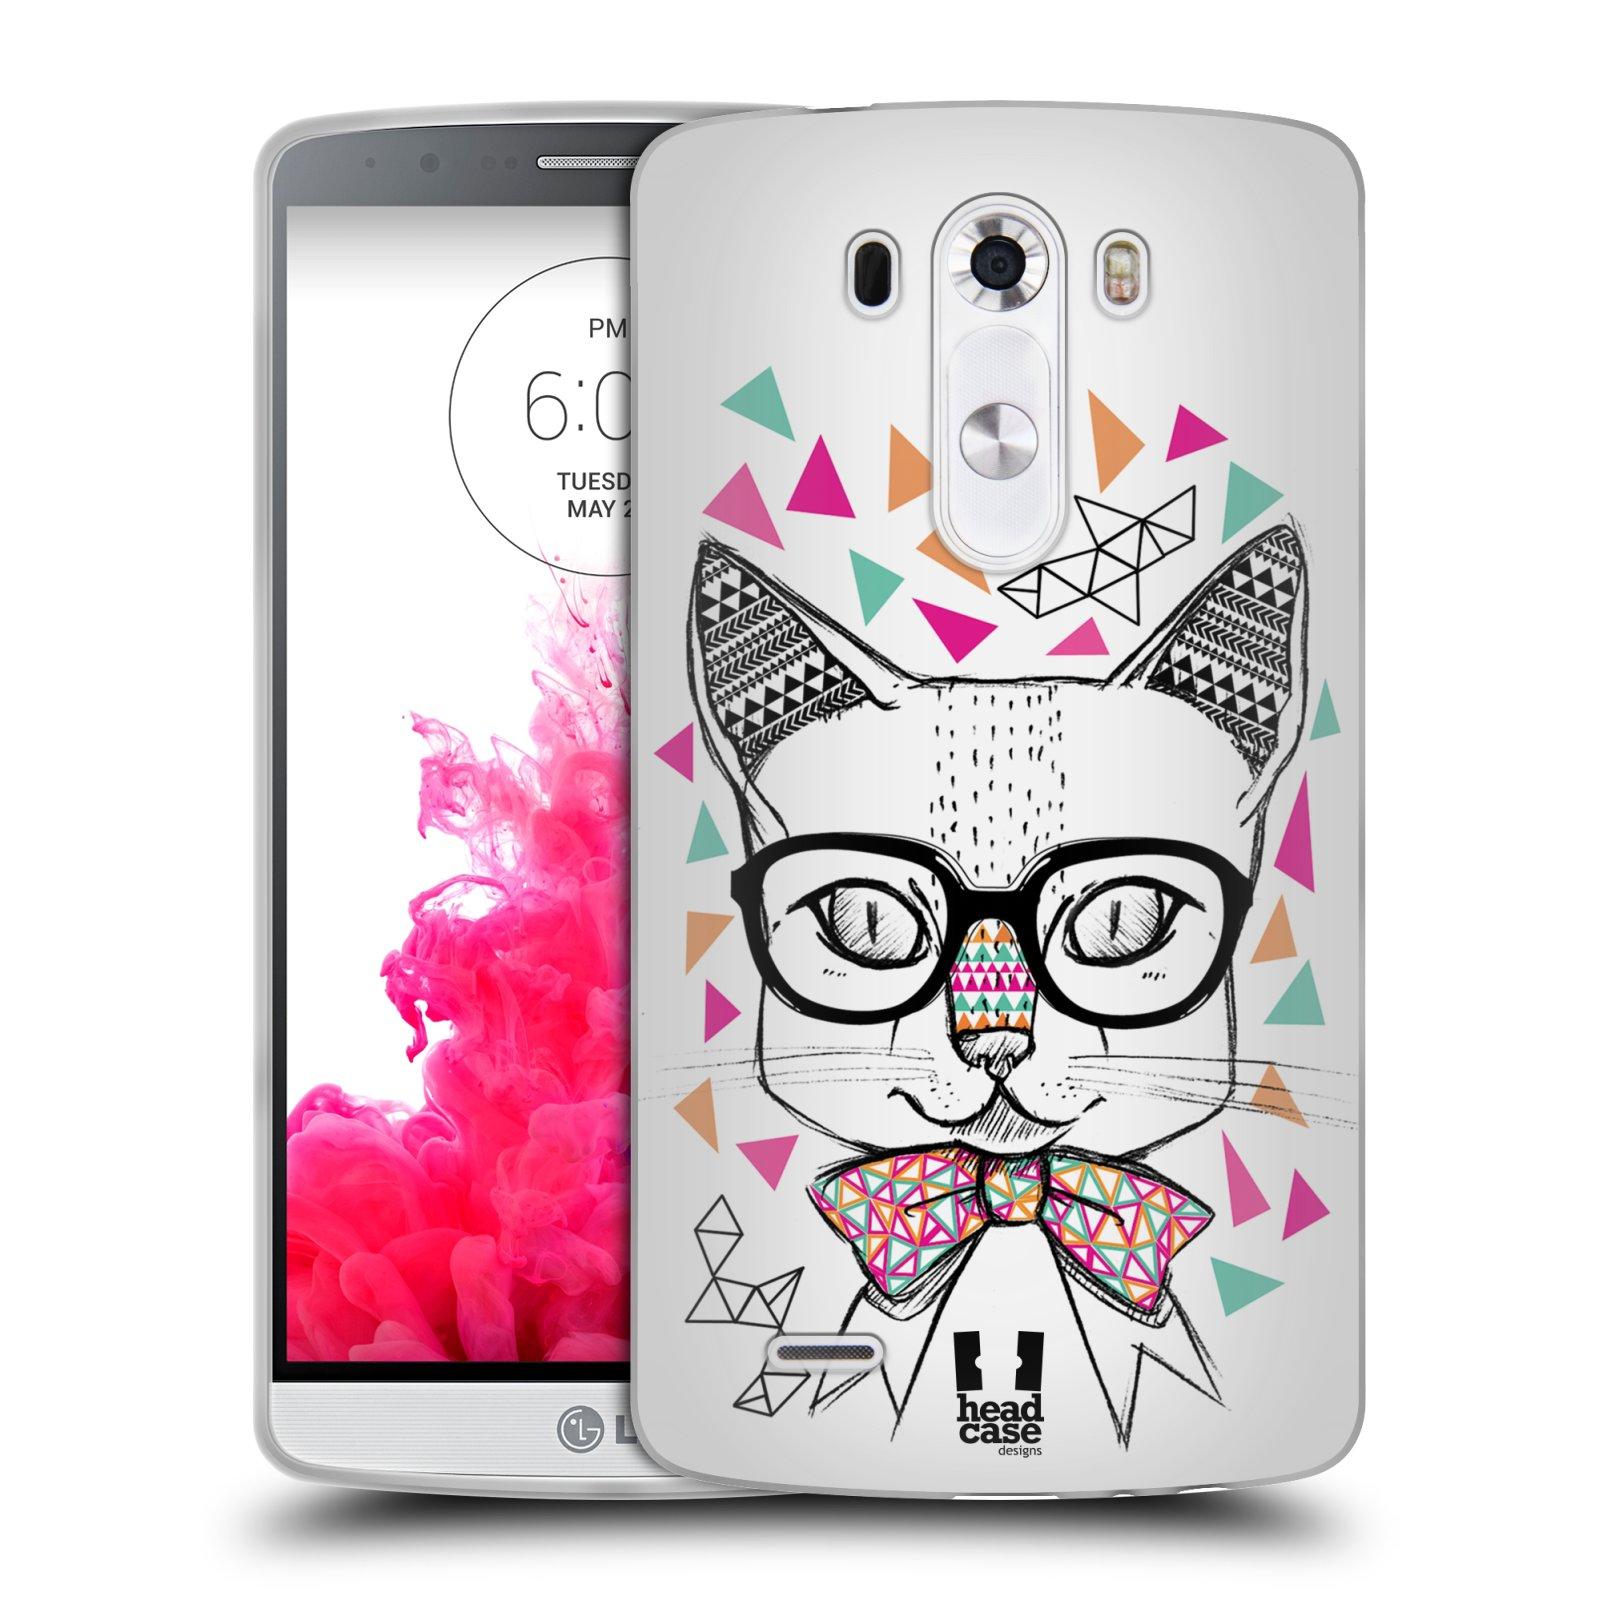 Silikonové pouzdro na mobil LG G3 HEAD CASE AZTEC KOČIČKA (Silikonový kryt či obal na mobilní telefon LG G3 D855)